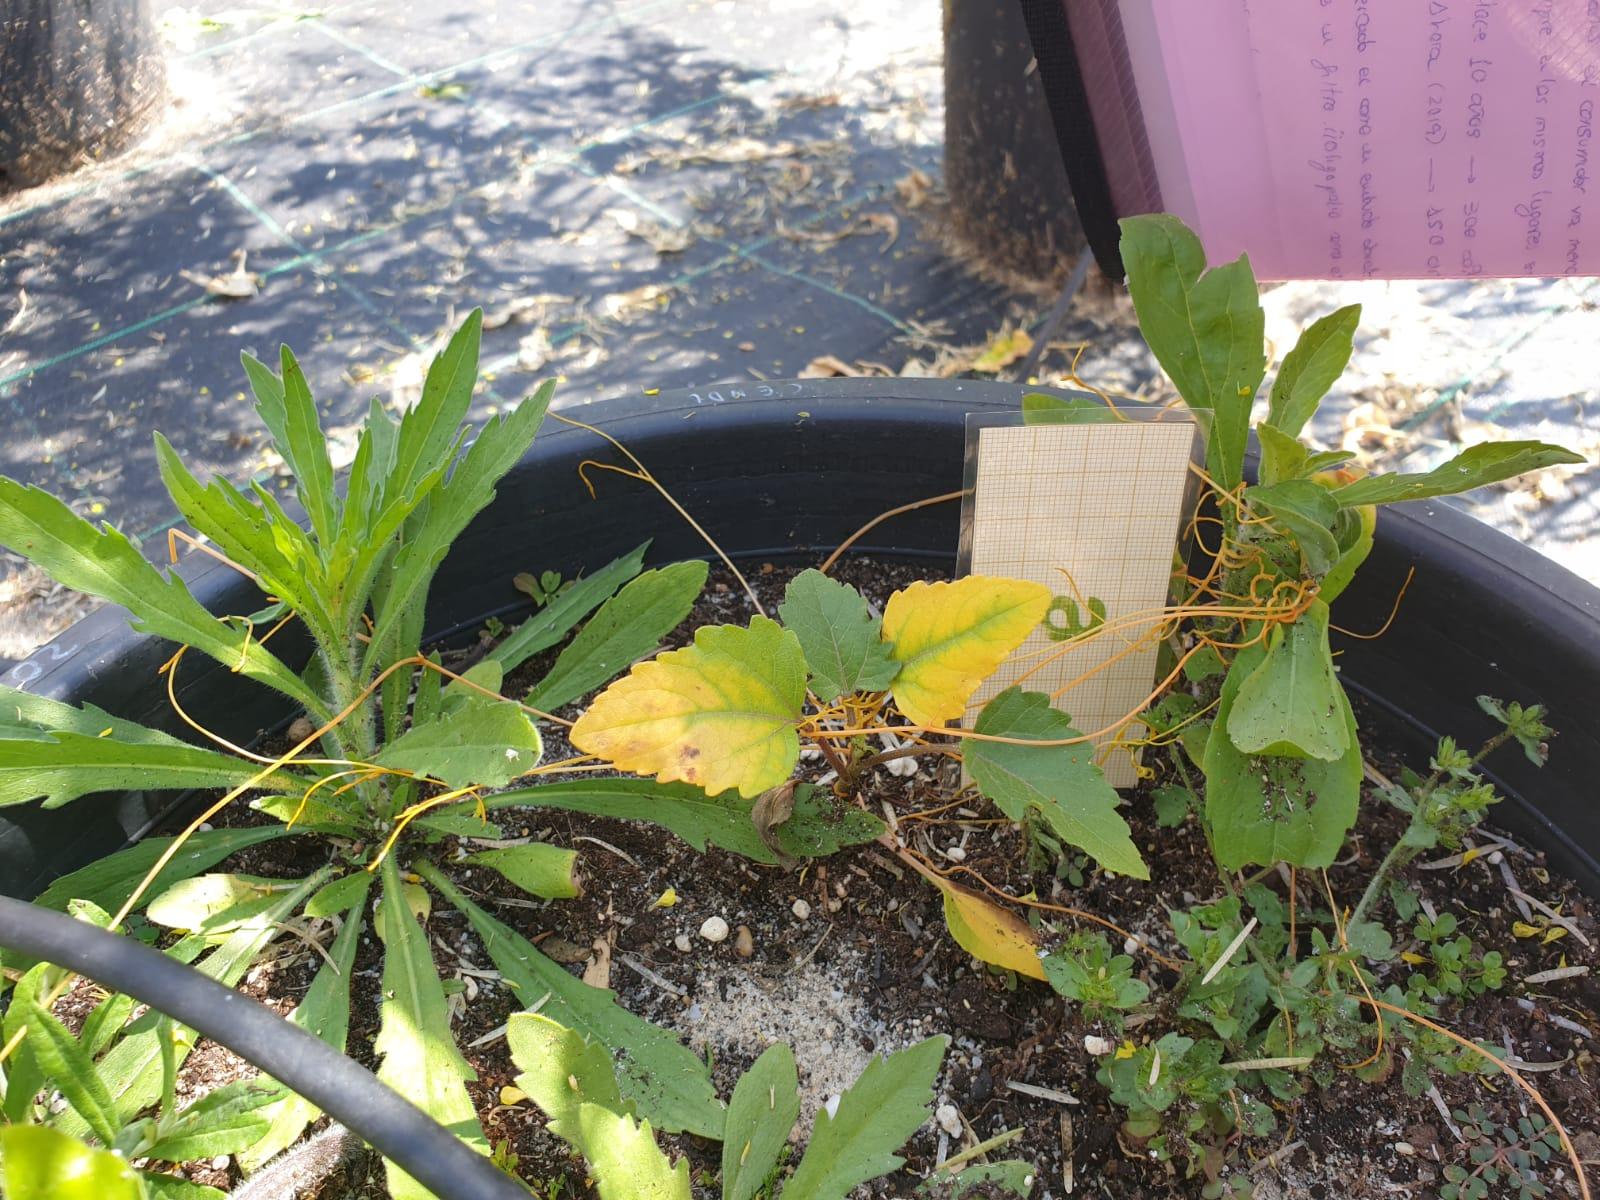 Cuscuta parasitando Conyza bonariensis, C. canadensis y Xanthium strumarium